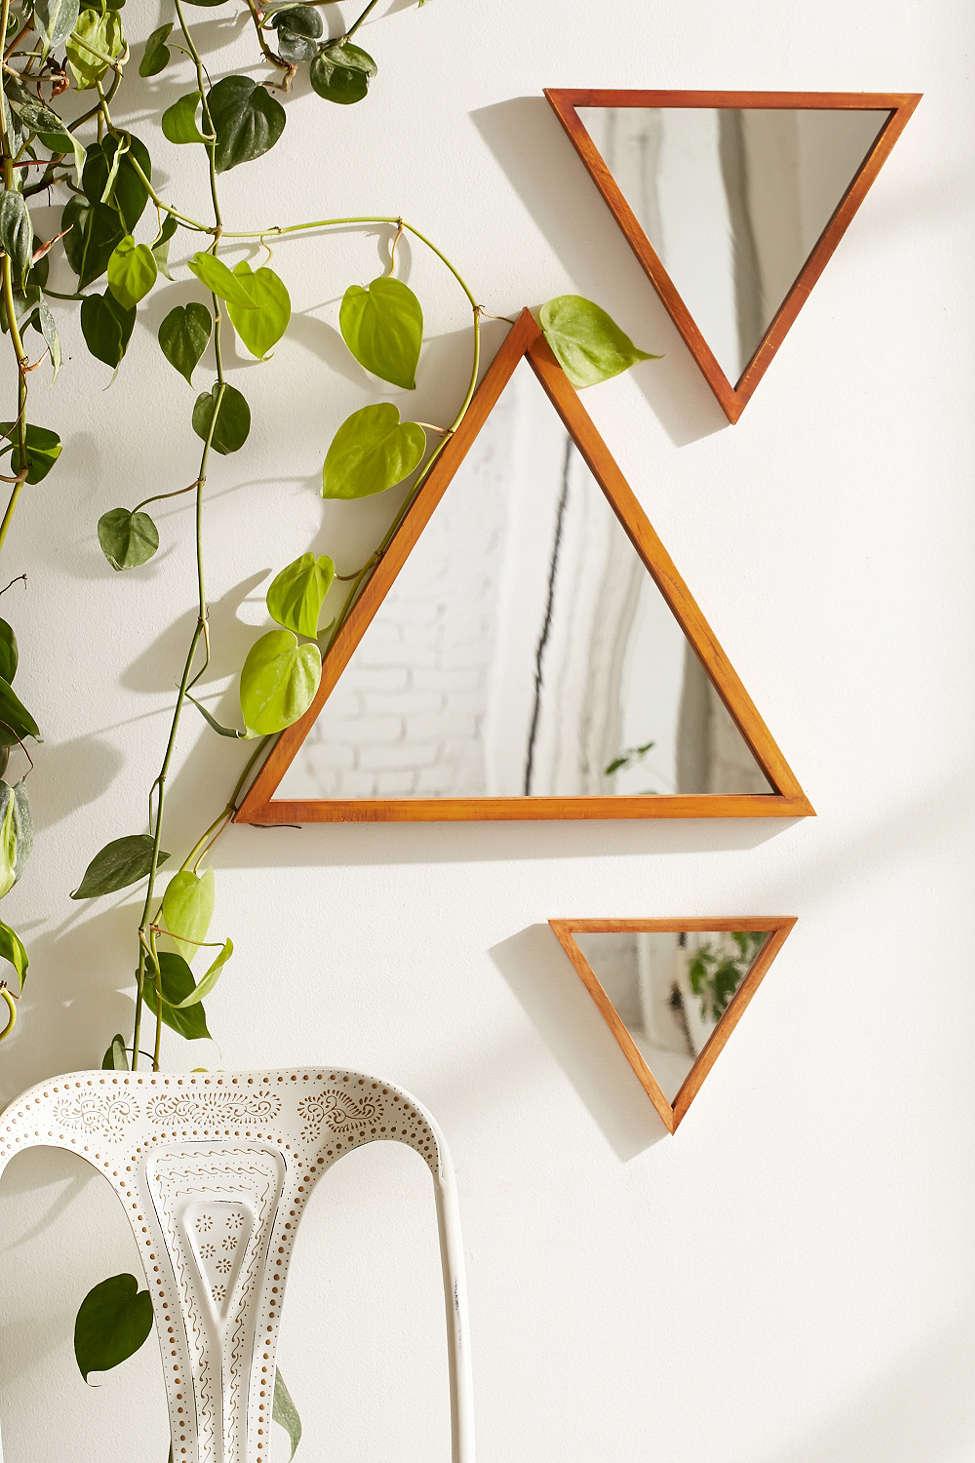 hình ảnh gương kim tự tháp treo tường với cây trầu bà leo bên cạnh